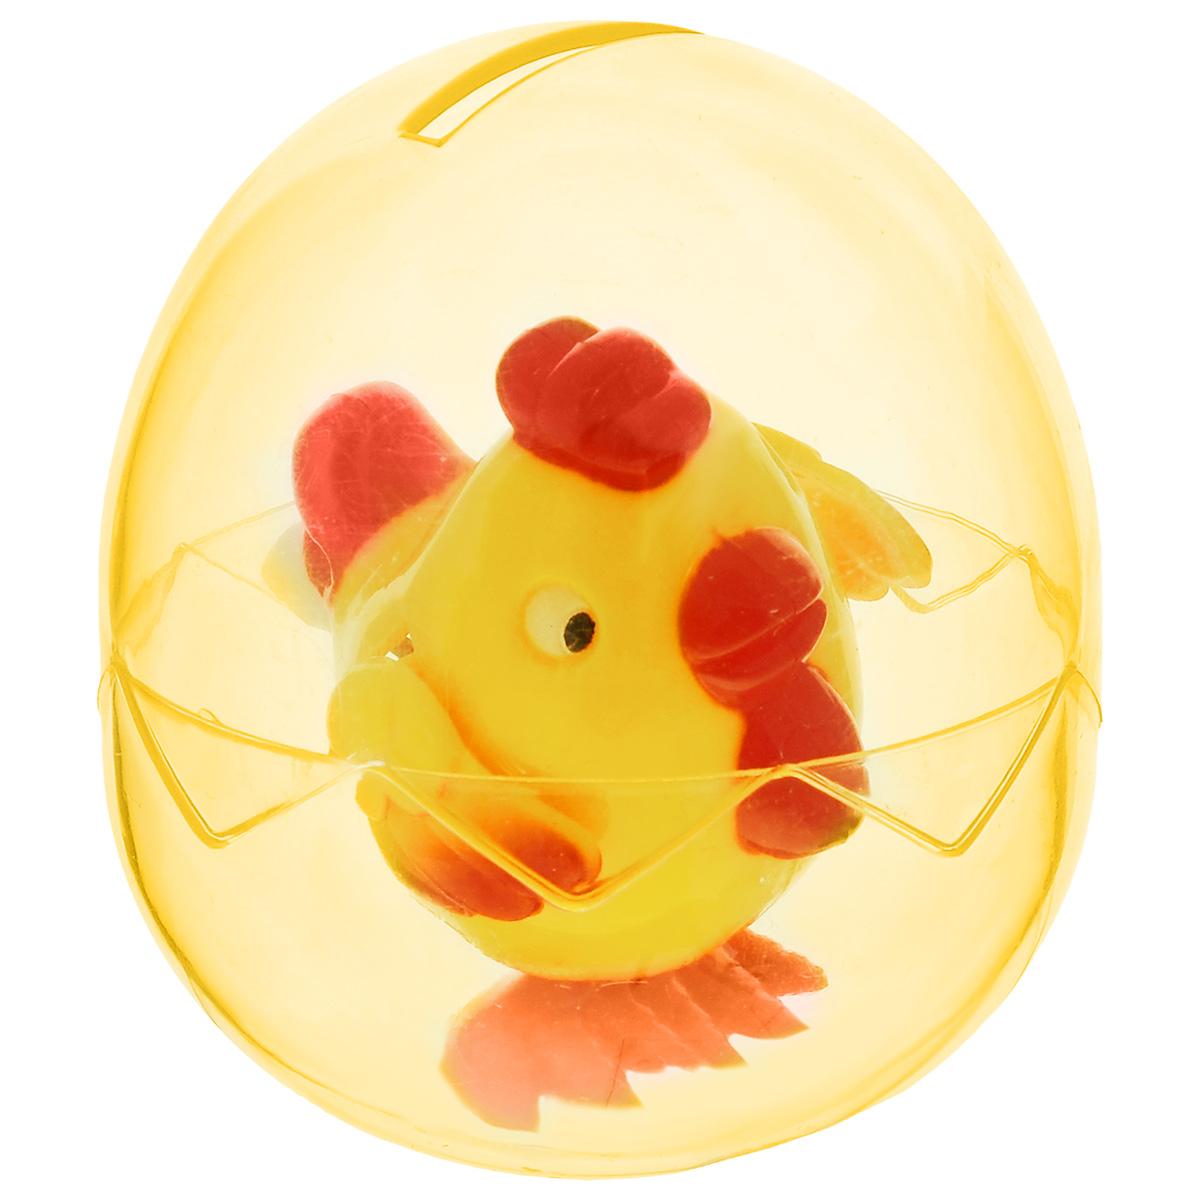 Заводная игрушка Милые детеныши. Петух, цвет: желтый990-D_желтый петухИгрушка Hans Милые детеныши. Петух привлечет внимание вашего малыша и не позволит ему скучать! Выполненная из безопасного пластика, игрушка представляет собой забавного цыпленка. Игрушка имеет механический завод. Для запуска, придерживая ноги игрушки, поверните заводной ключ по часовой стрелке до упора. Установите игрушку на поверхность и она придет в движение. Заводная игрушка Hans Милые детеныши. Петух поможет ребенку в развитии воображения, мелкой моторики рук, концентрации внимания и цветового восприятия. Игрушка упакована в пластиковое яйцо, которое можно использовать как копилку.